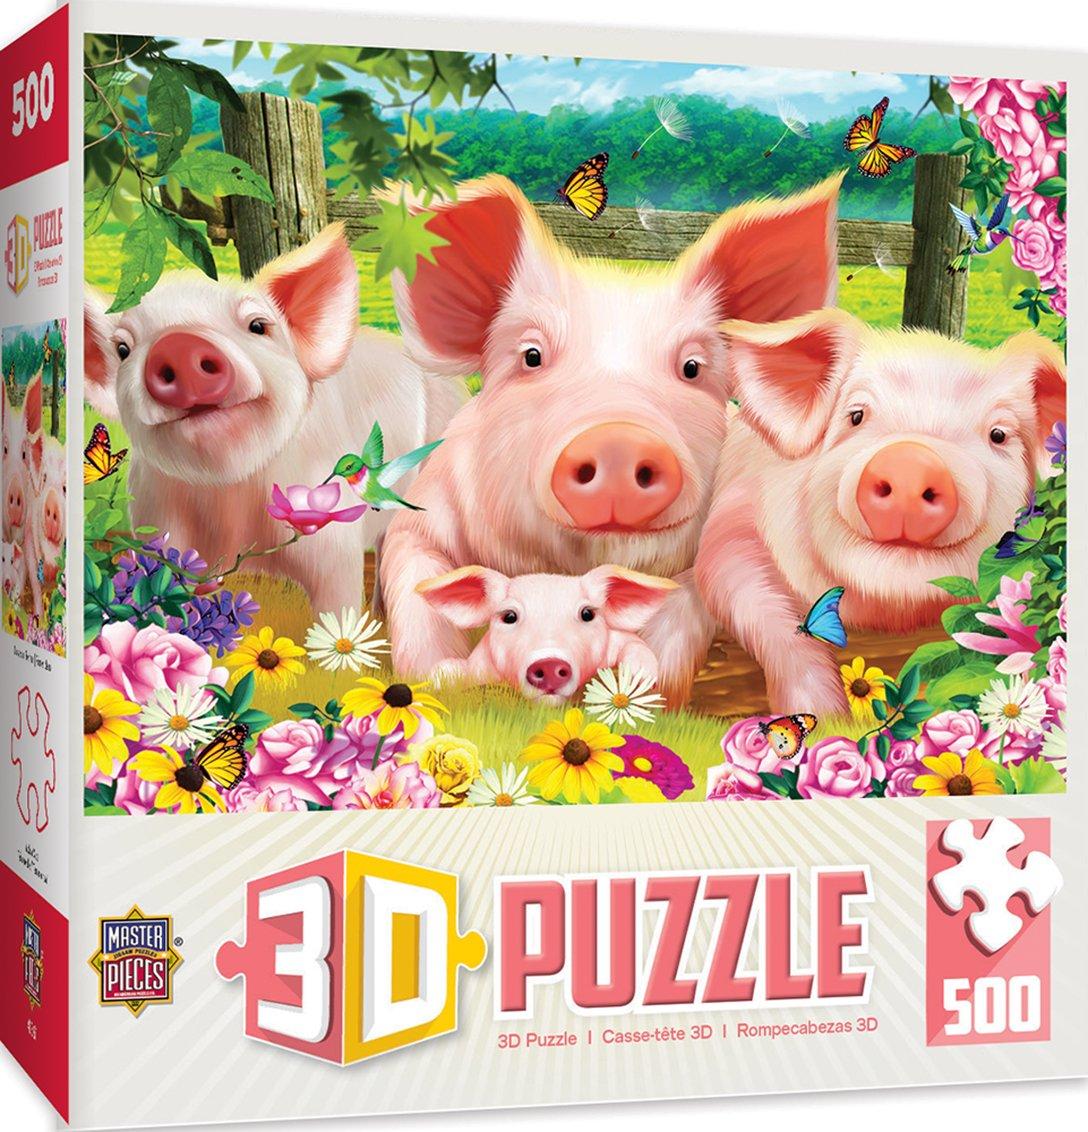 Masterpieces Linsenraster Ferkel Patch 500-teiliges 3D Puzzle von Michael Searle Masterpieces Puzzle Co. 31685